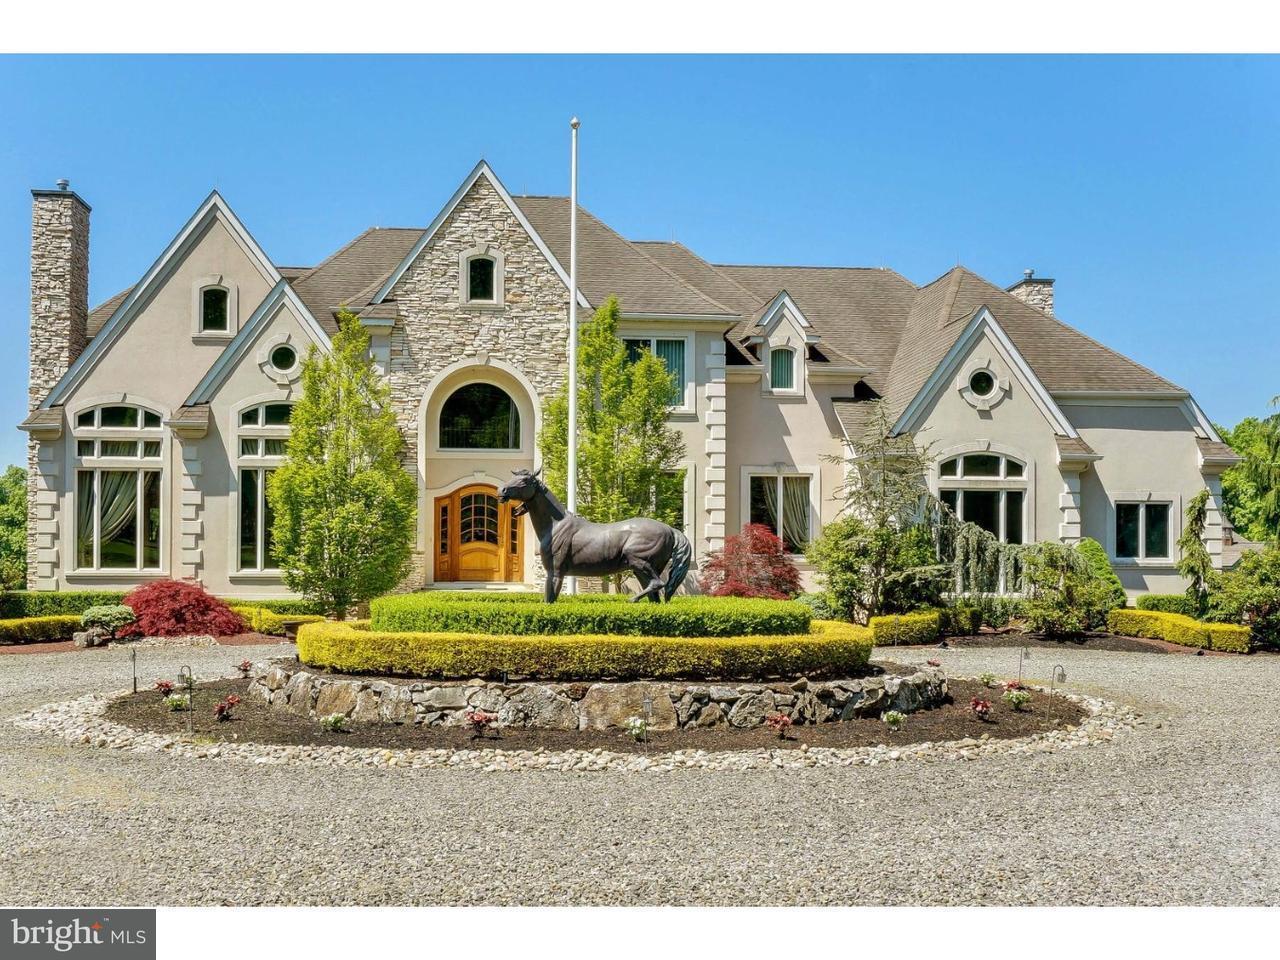 Maison unifamiliale pour l Vente à 104 MEIRS Road Cream Ridge, New Jersey 08514 États-UnisDans/Autour: Upper Freehold Township